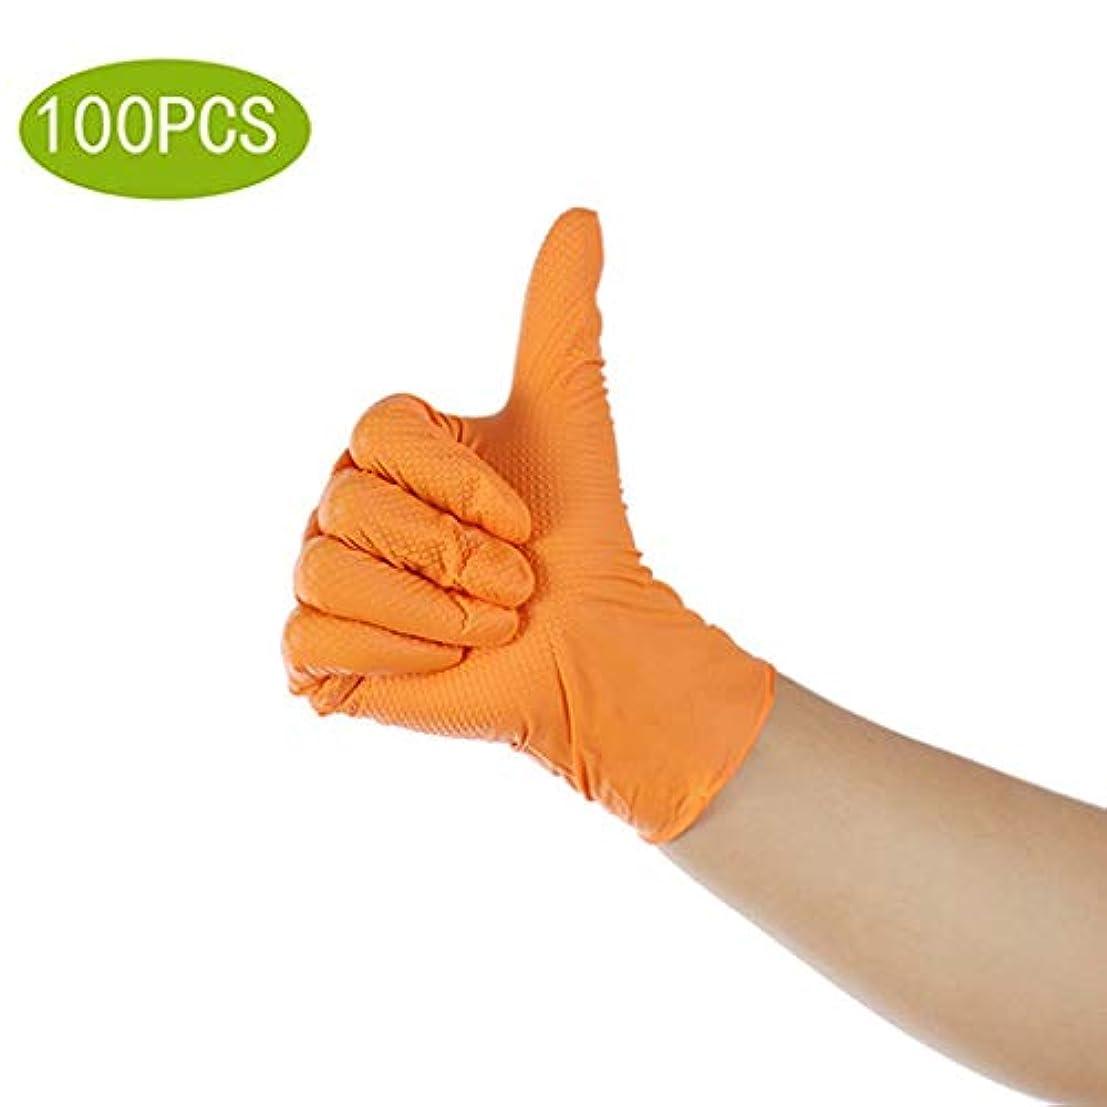 先祖馬鹿十年使い捨て手袋軽量9インチパウダーフリーラテックスフリーライト作業厚手の使い捨てゴム手袋、滑り止めパームプリントグレードタトゥーメディカル試験手袋100倍 (Color : Yellow, Size : S)